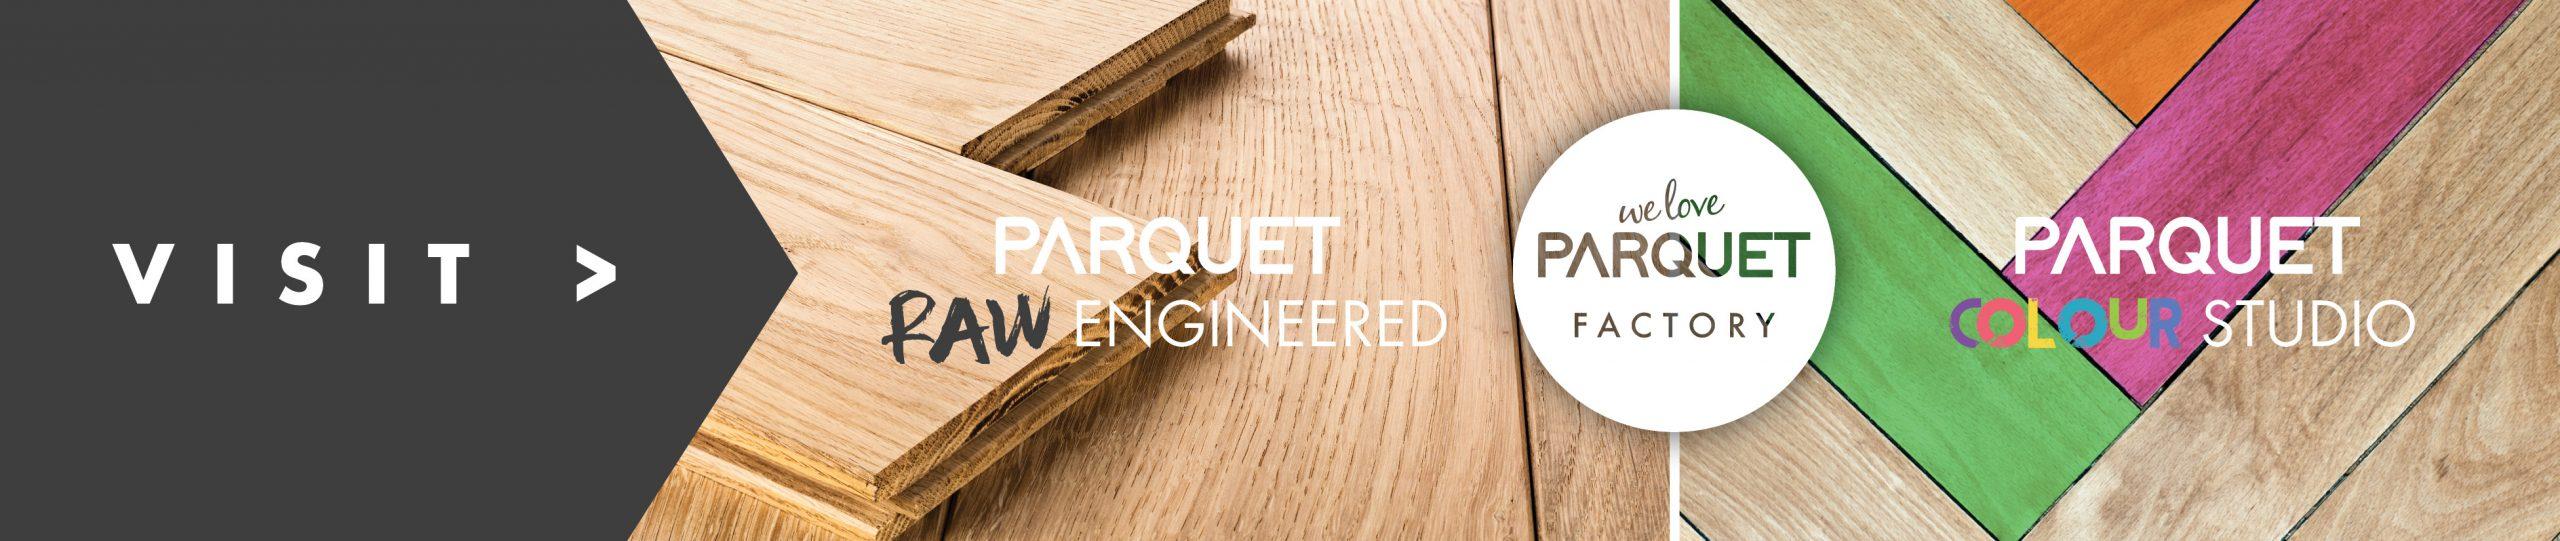 We Love Parquet Factory